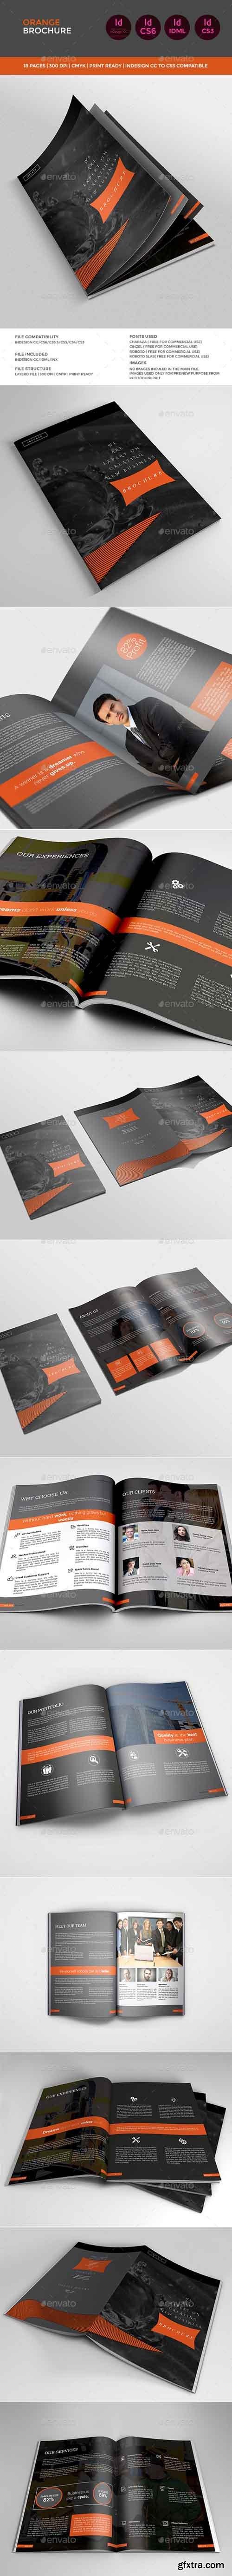 GR - Dark Orange Brochure 11327892